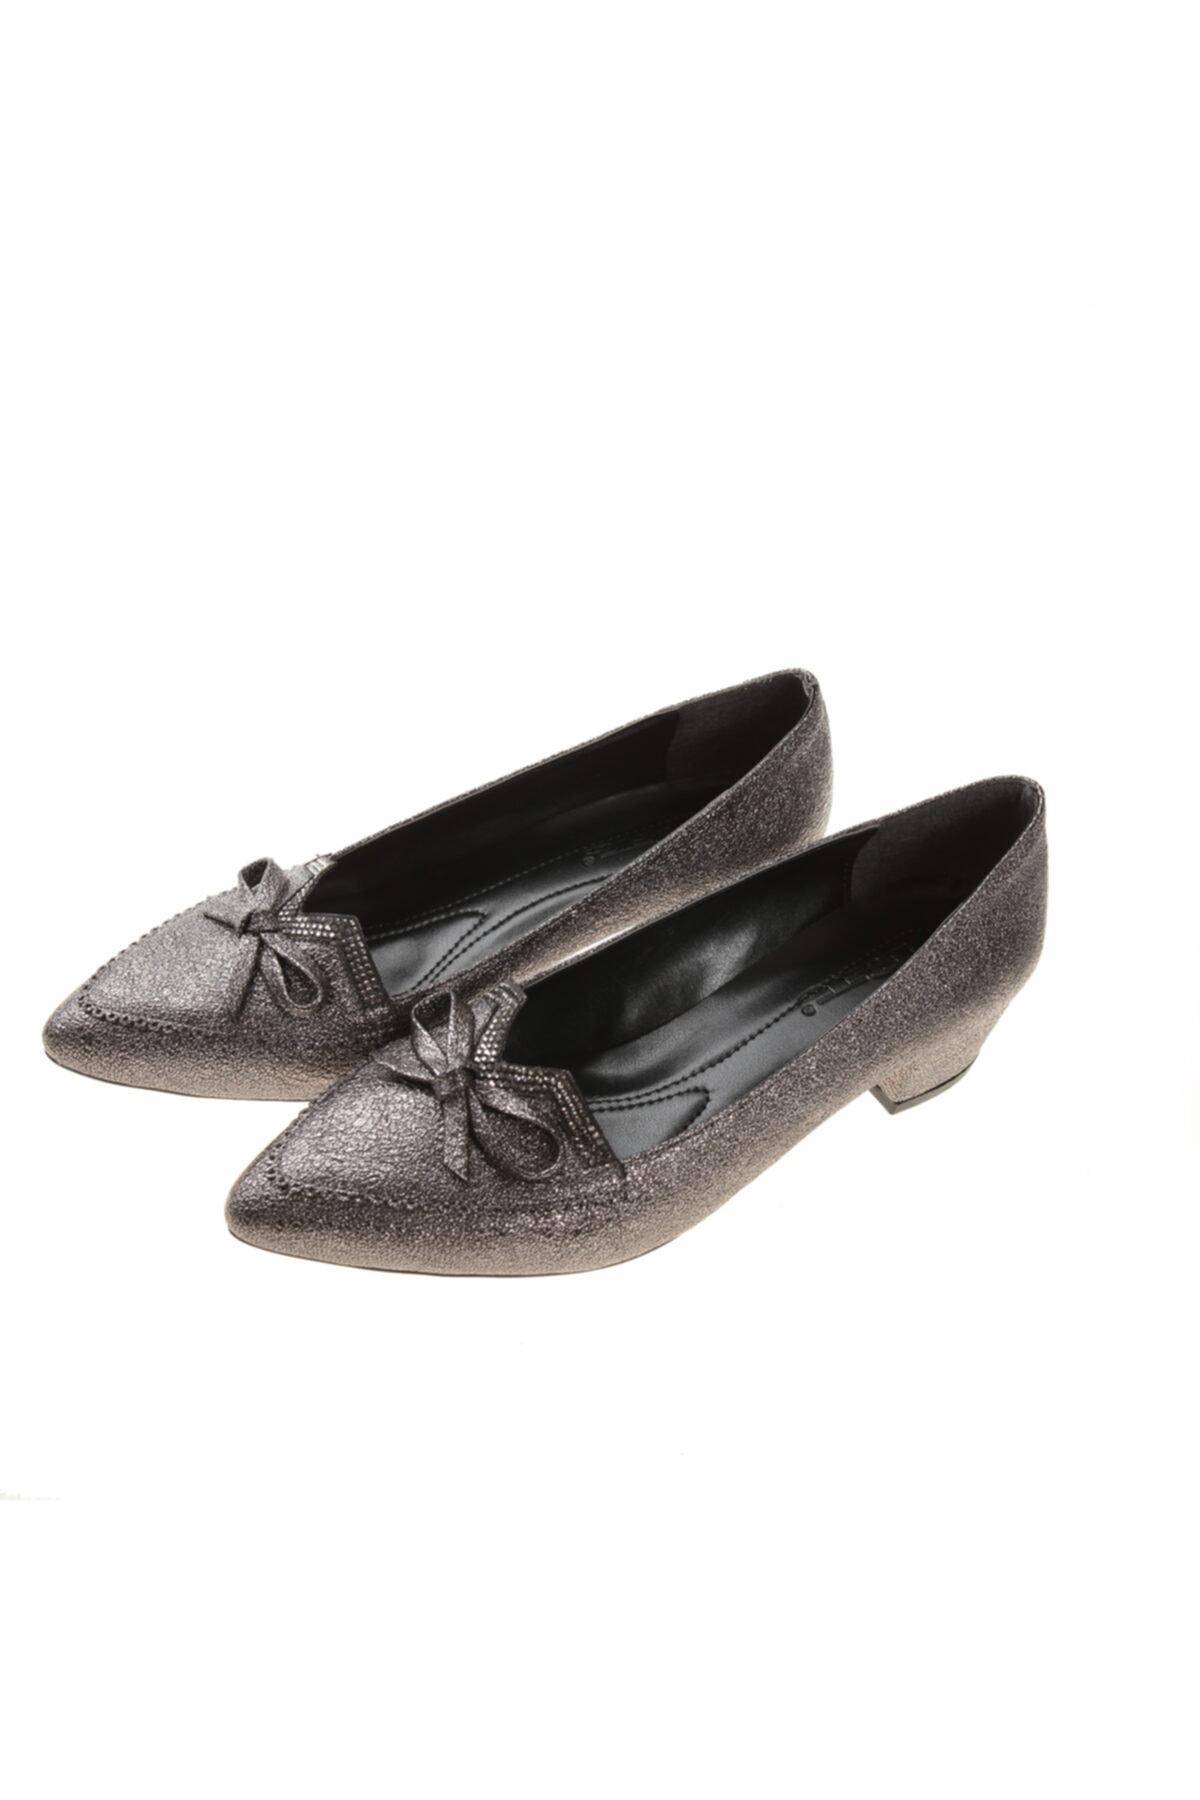 PUNTO Kadın Platin Abiye Kısa Topuk Ayakkabı 2